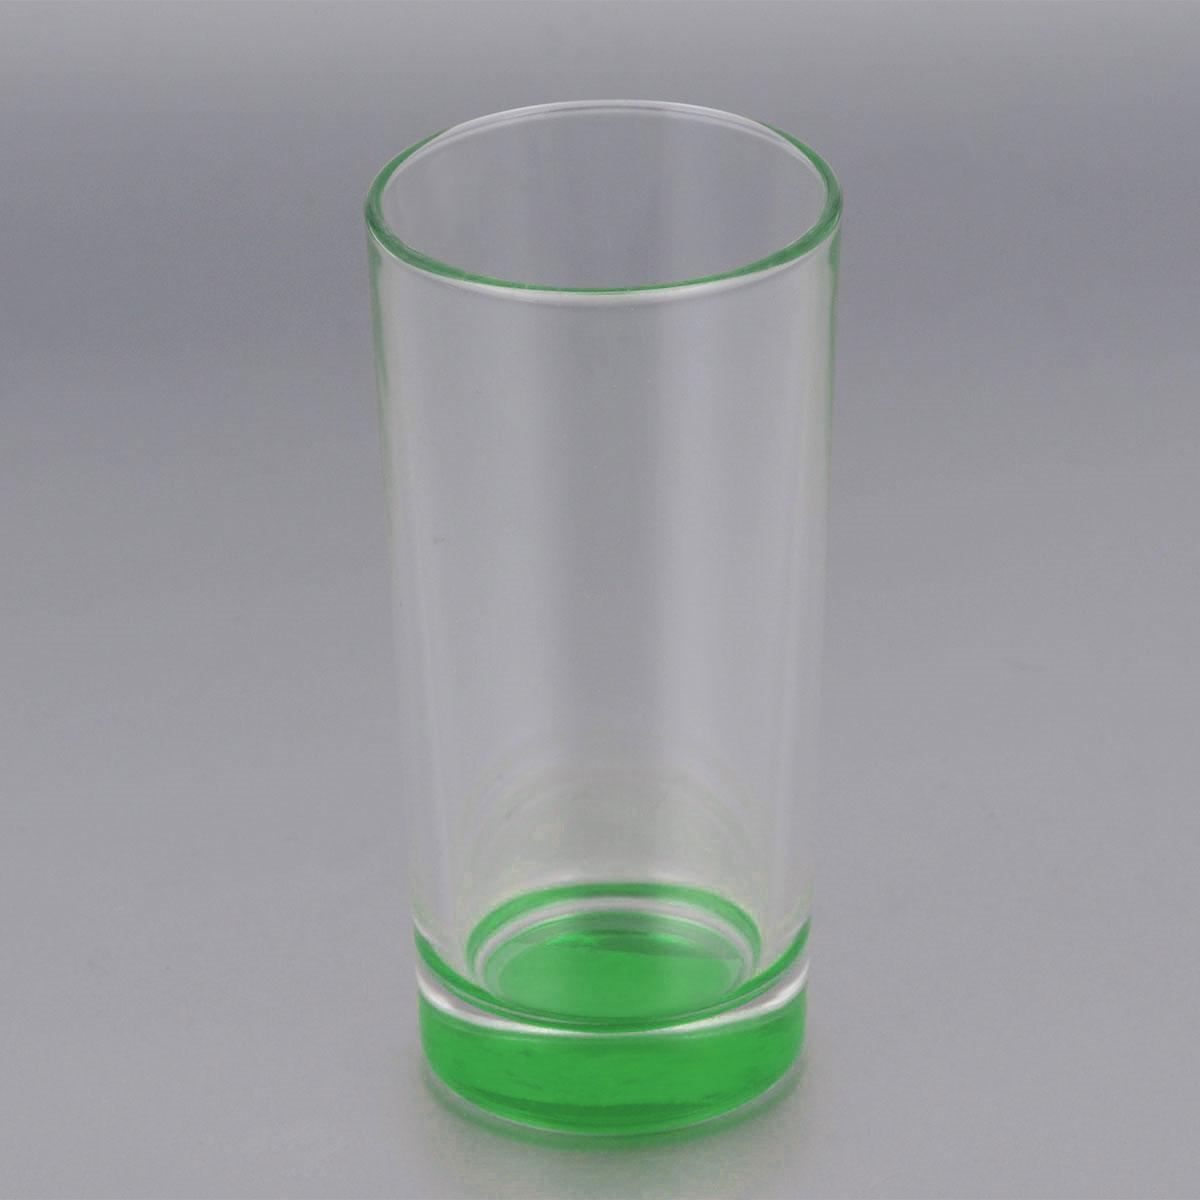 Стакан высокий ОСЗ Лак, цвет: зеленый, 280 мл03С1018 ЛМ_зеленыйВысокий стакан ОСЗ Лак изготовлен из высококачественного стекла, которое изысканно блестит и переливается на свету. Дно стакана окрашено. Стакан прозрачный, но при его наклоне создается оптическая иллюзия того, что и сам стакан окрашен. Такой стакан отлично дополнит вашу коллекцию кухонной утвари и порадует вас ярким необычным дизайном и практичностью. Диаметр стакана: 7 см. Высота стакана: 14 см.